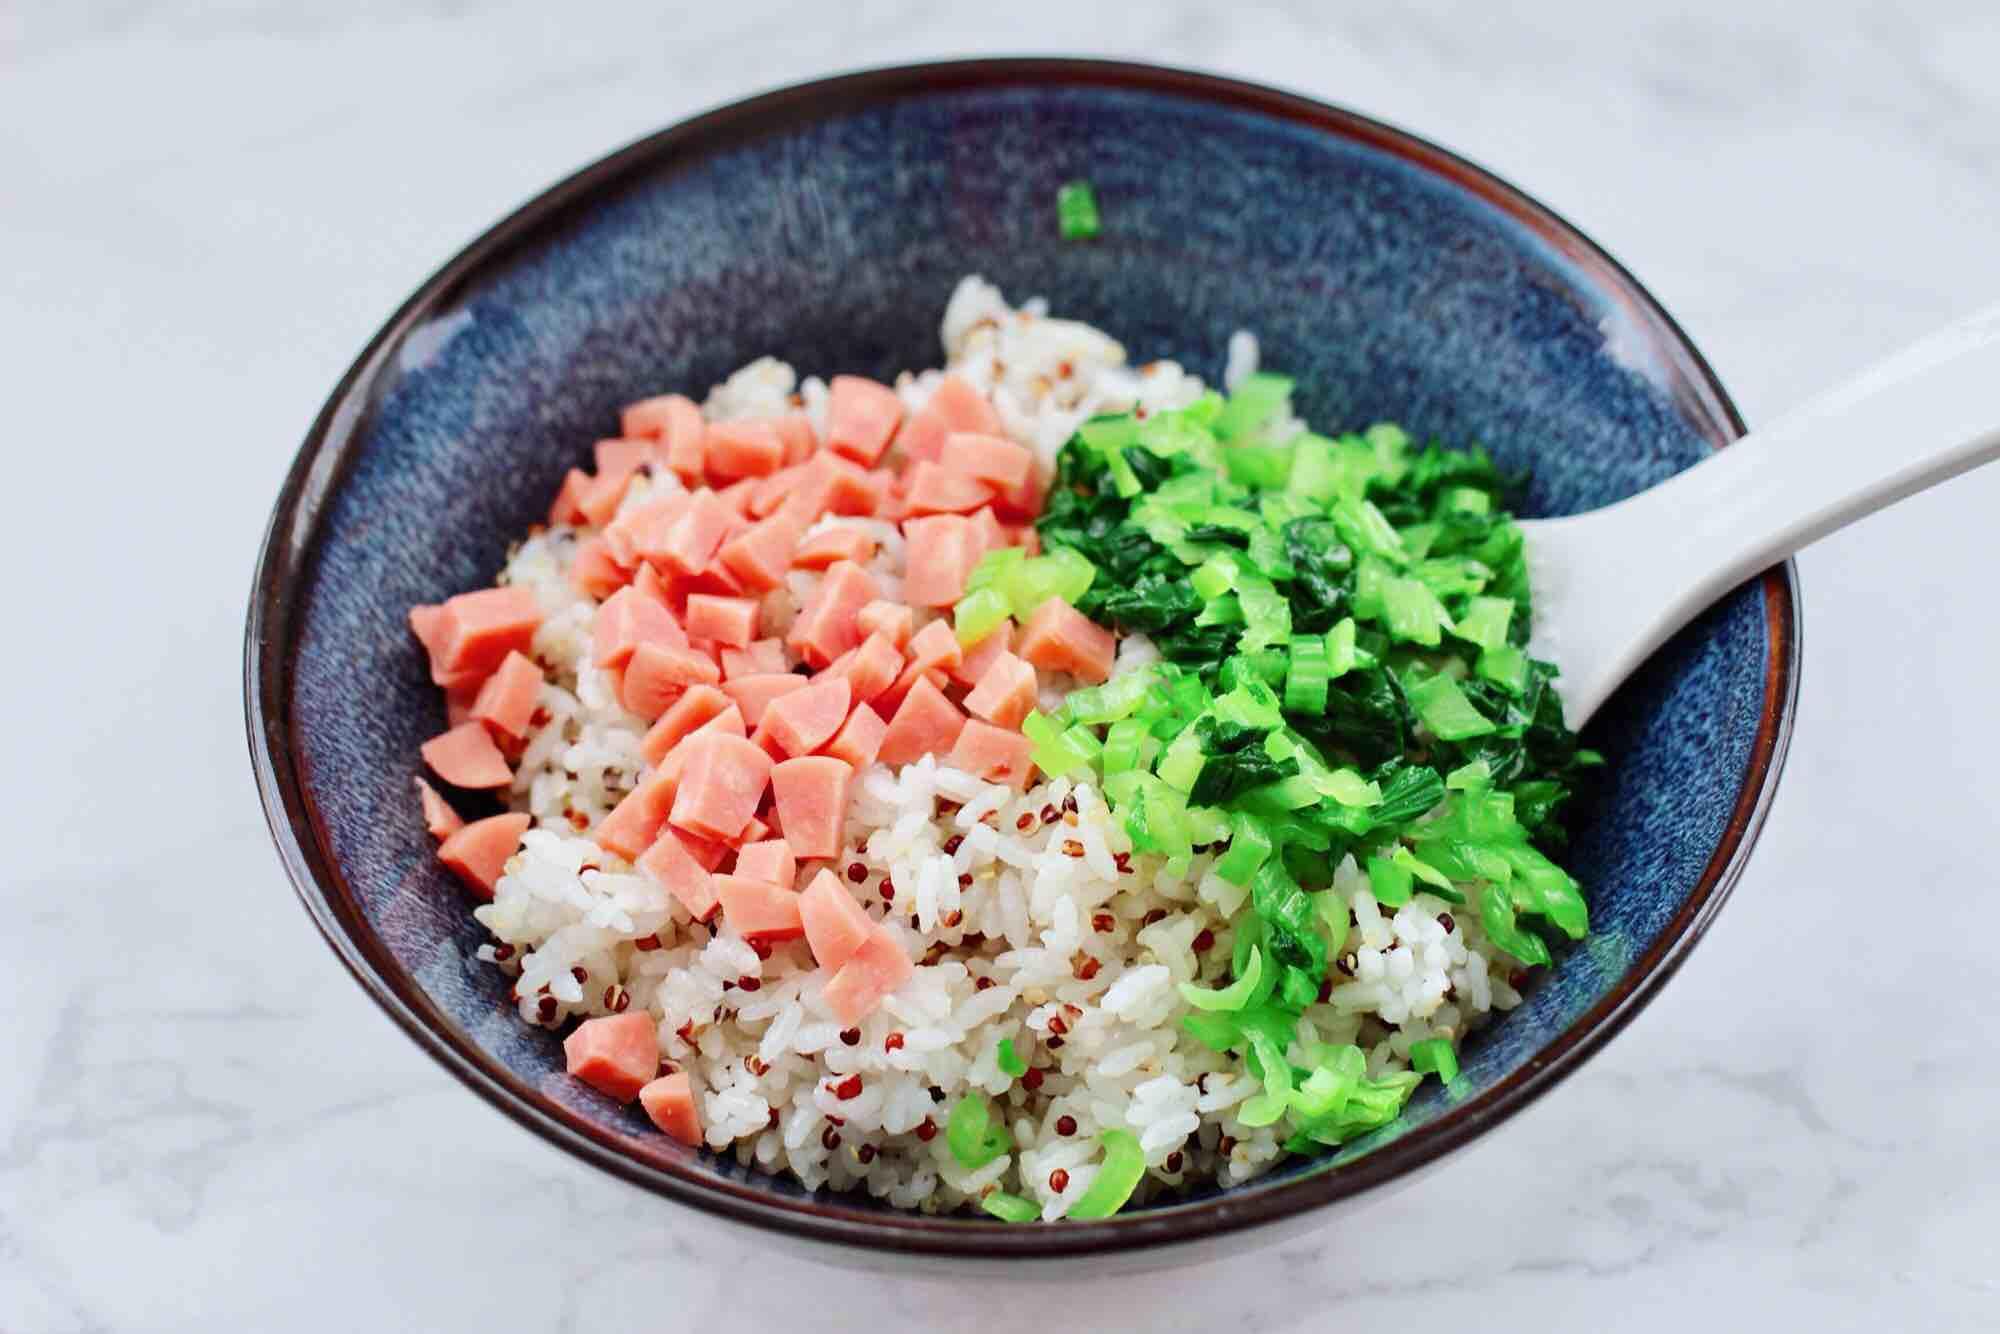 三色藜麦青菜饭团怎么煸